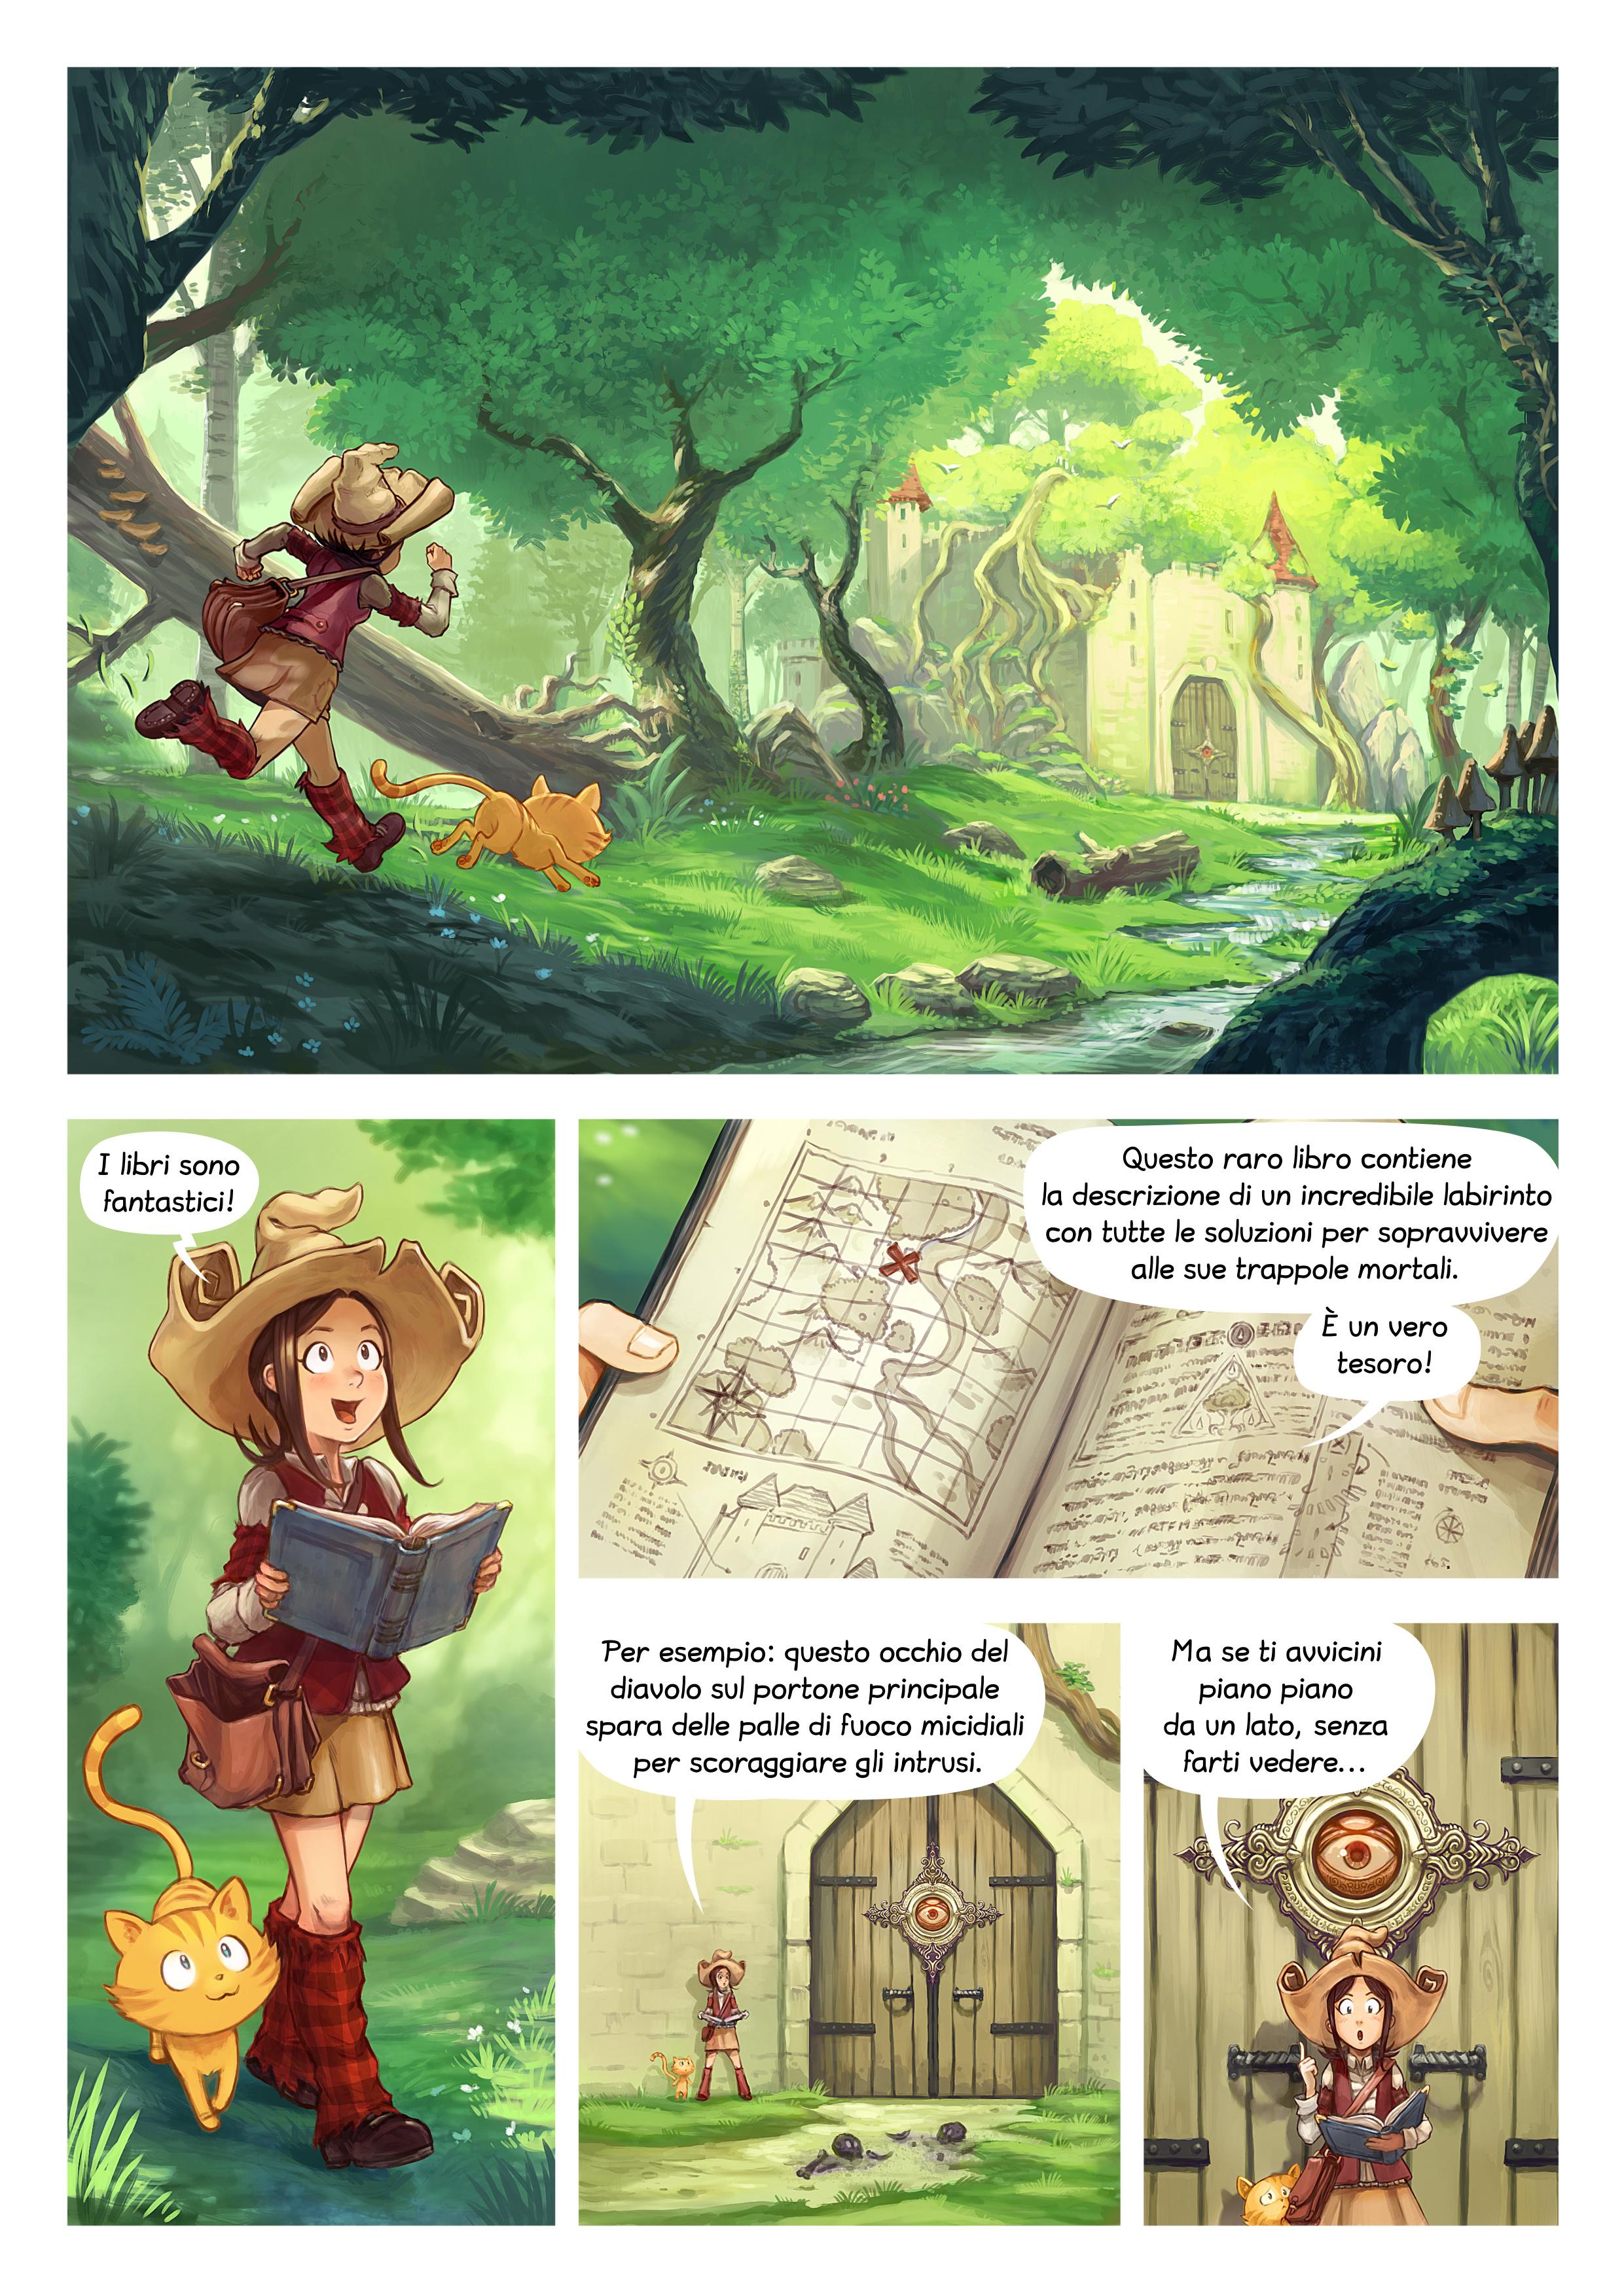 Episodio 26: I libri sono fantastici, Page 1